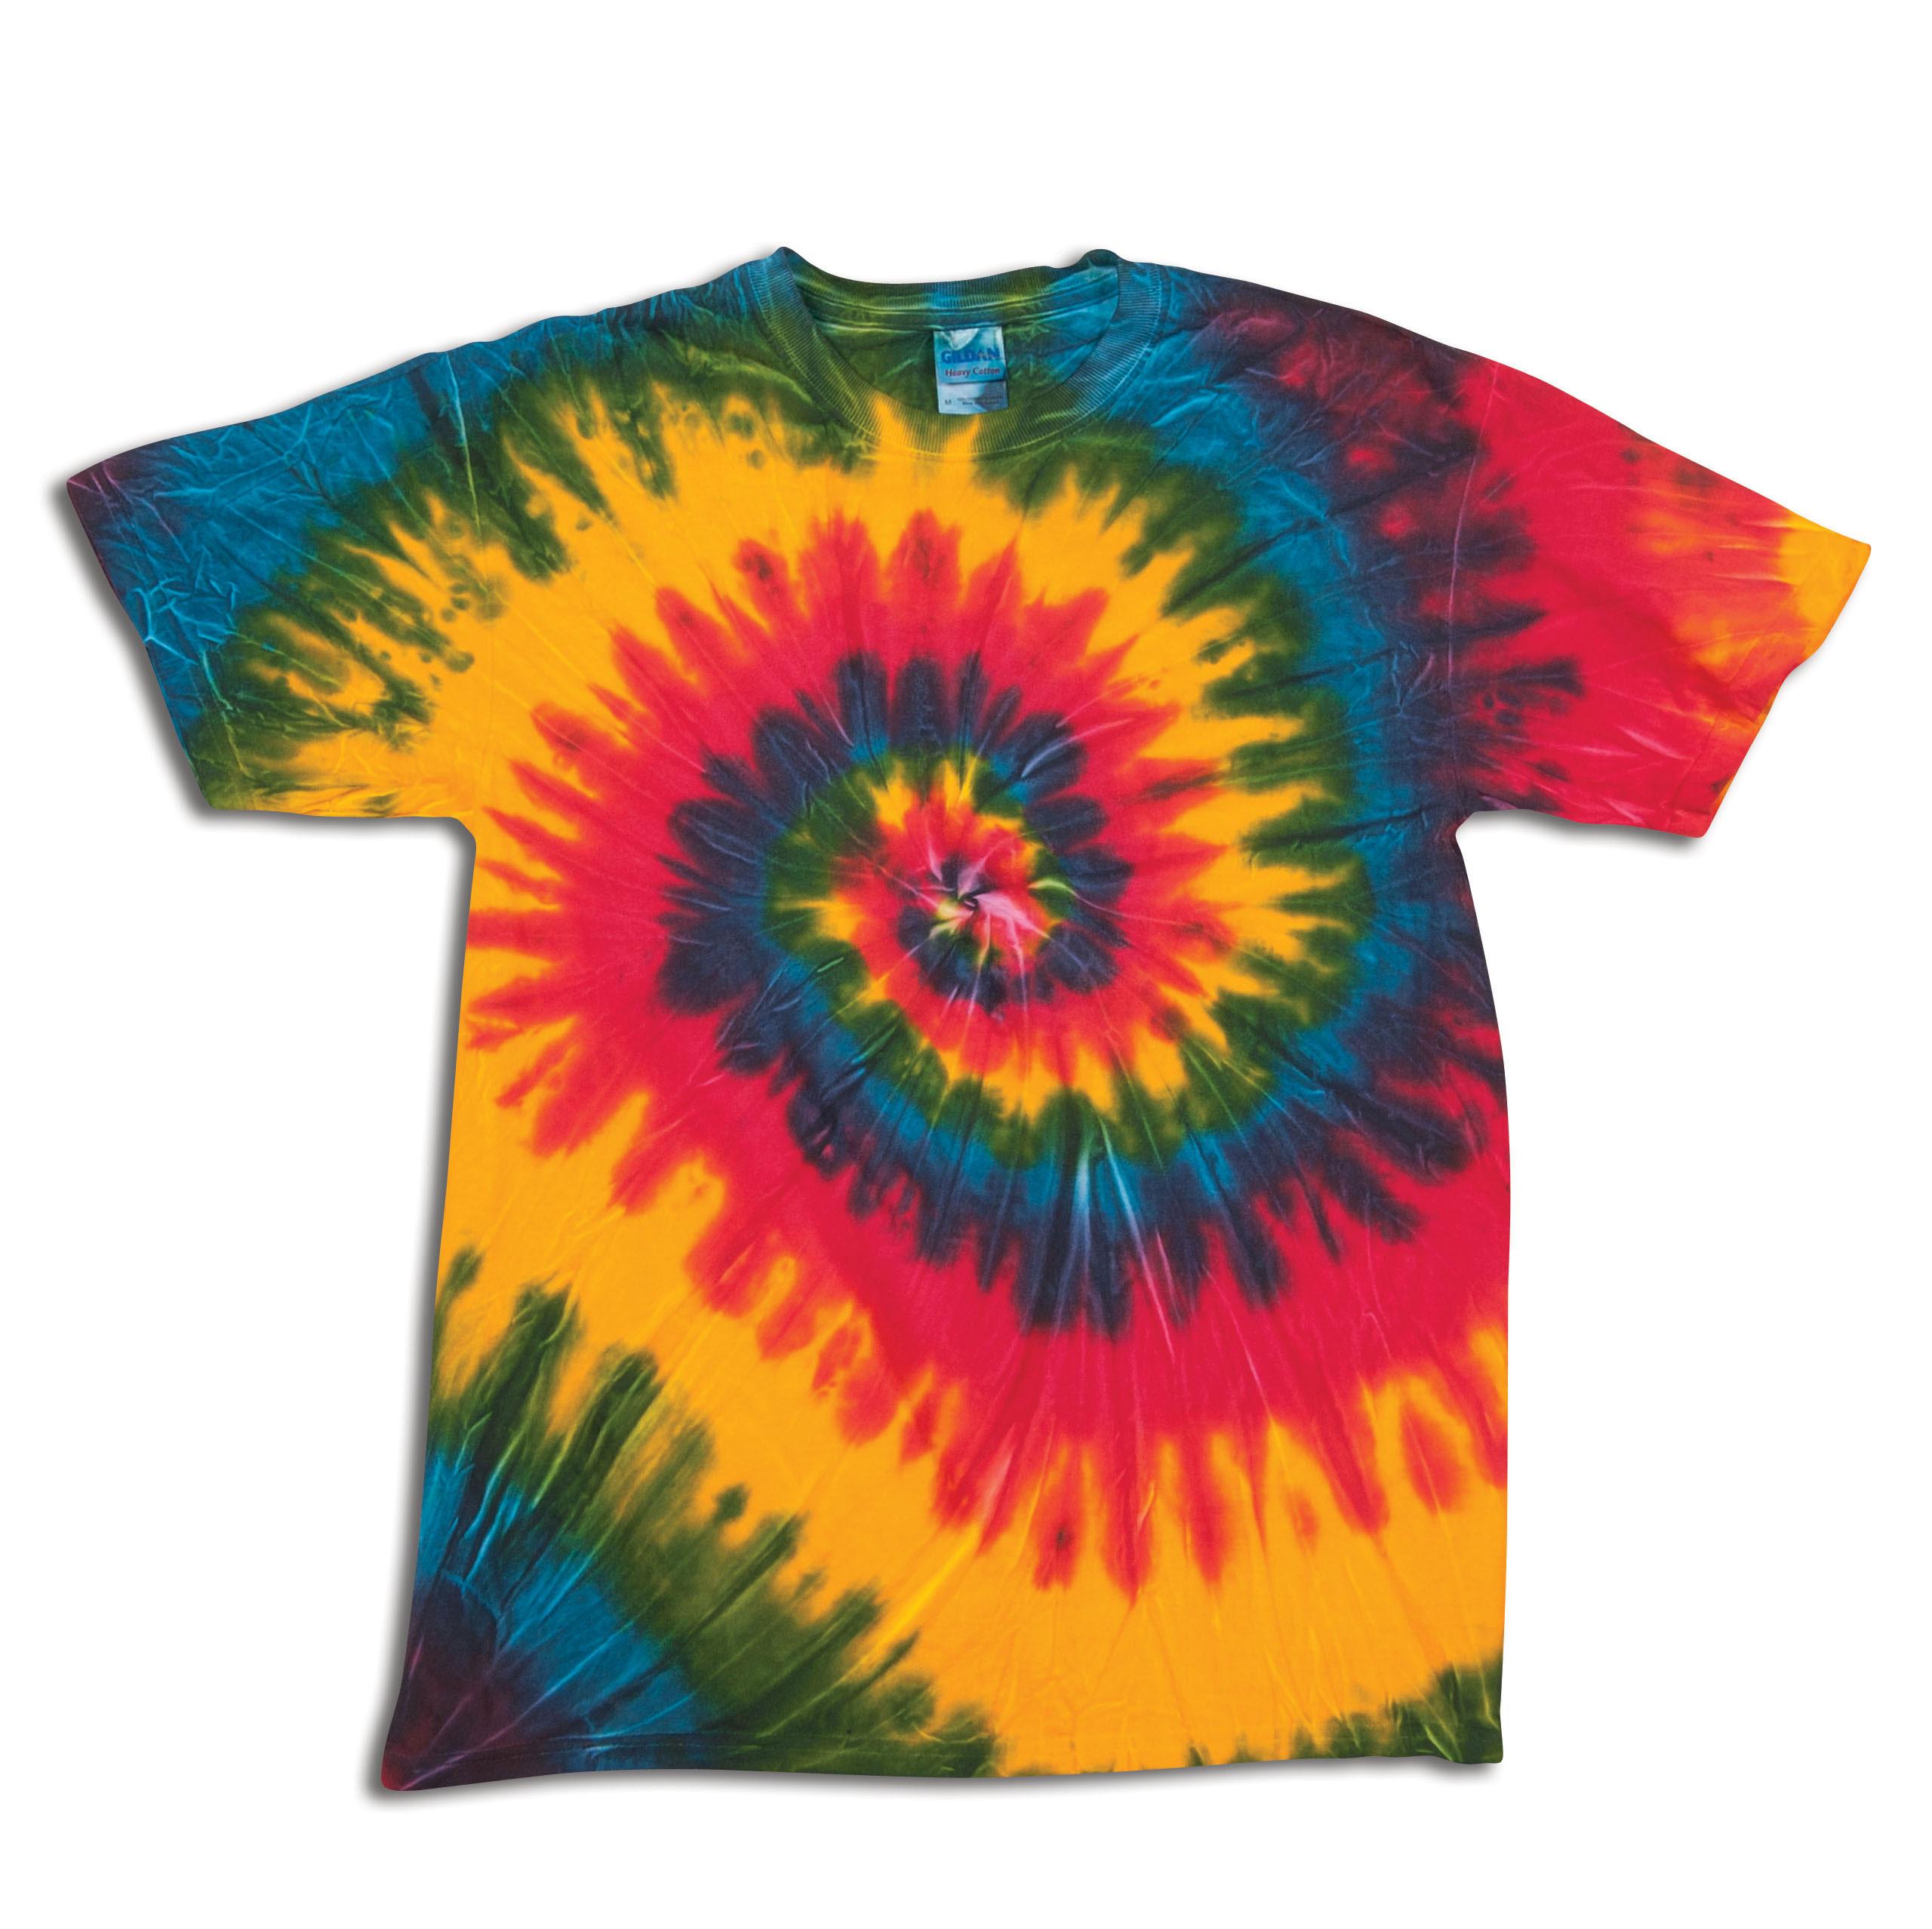 Dyenomite - 20BWA Youth Wave Short Sleeve T-Shirt